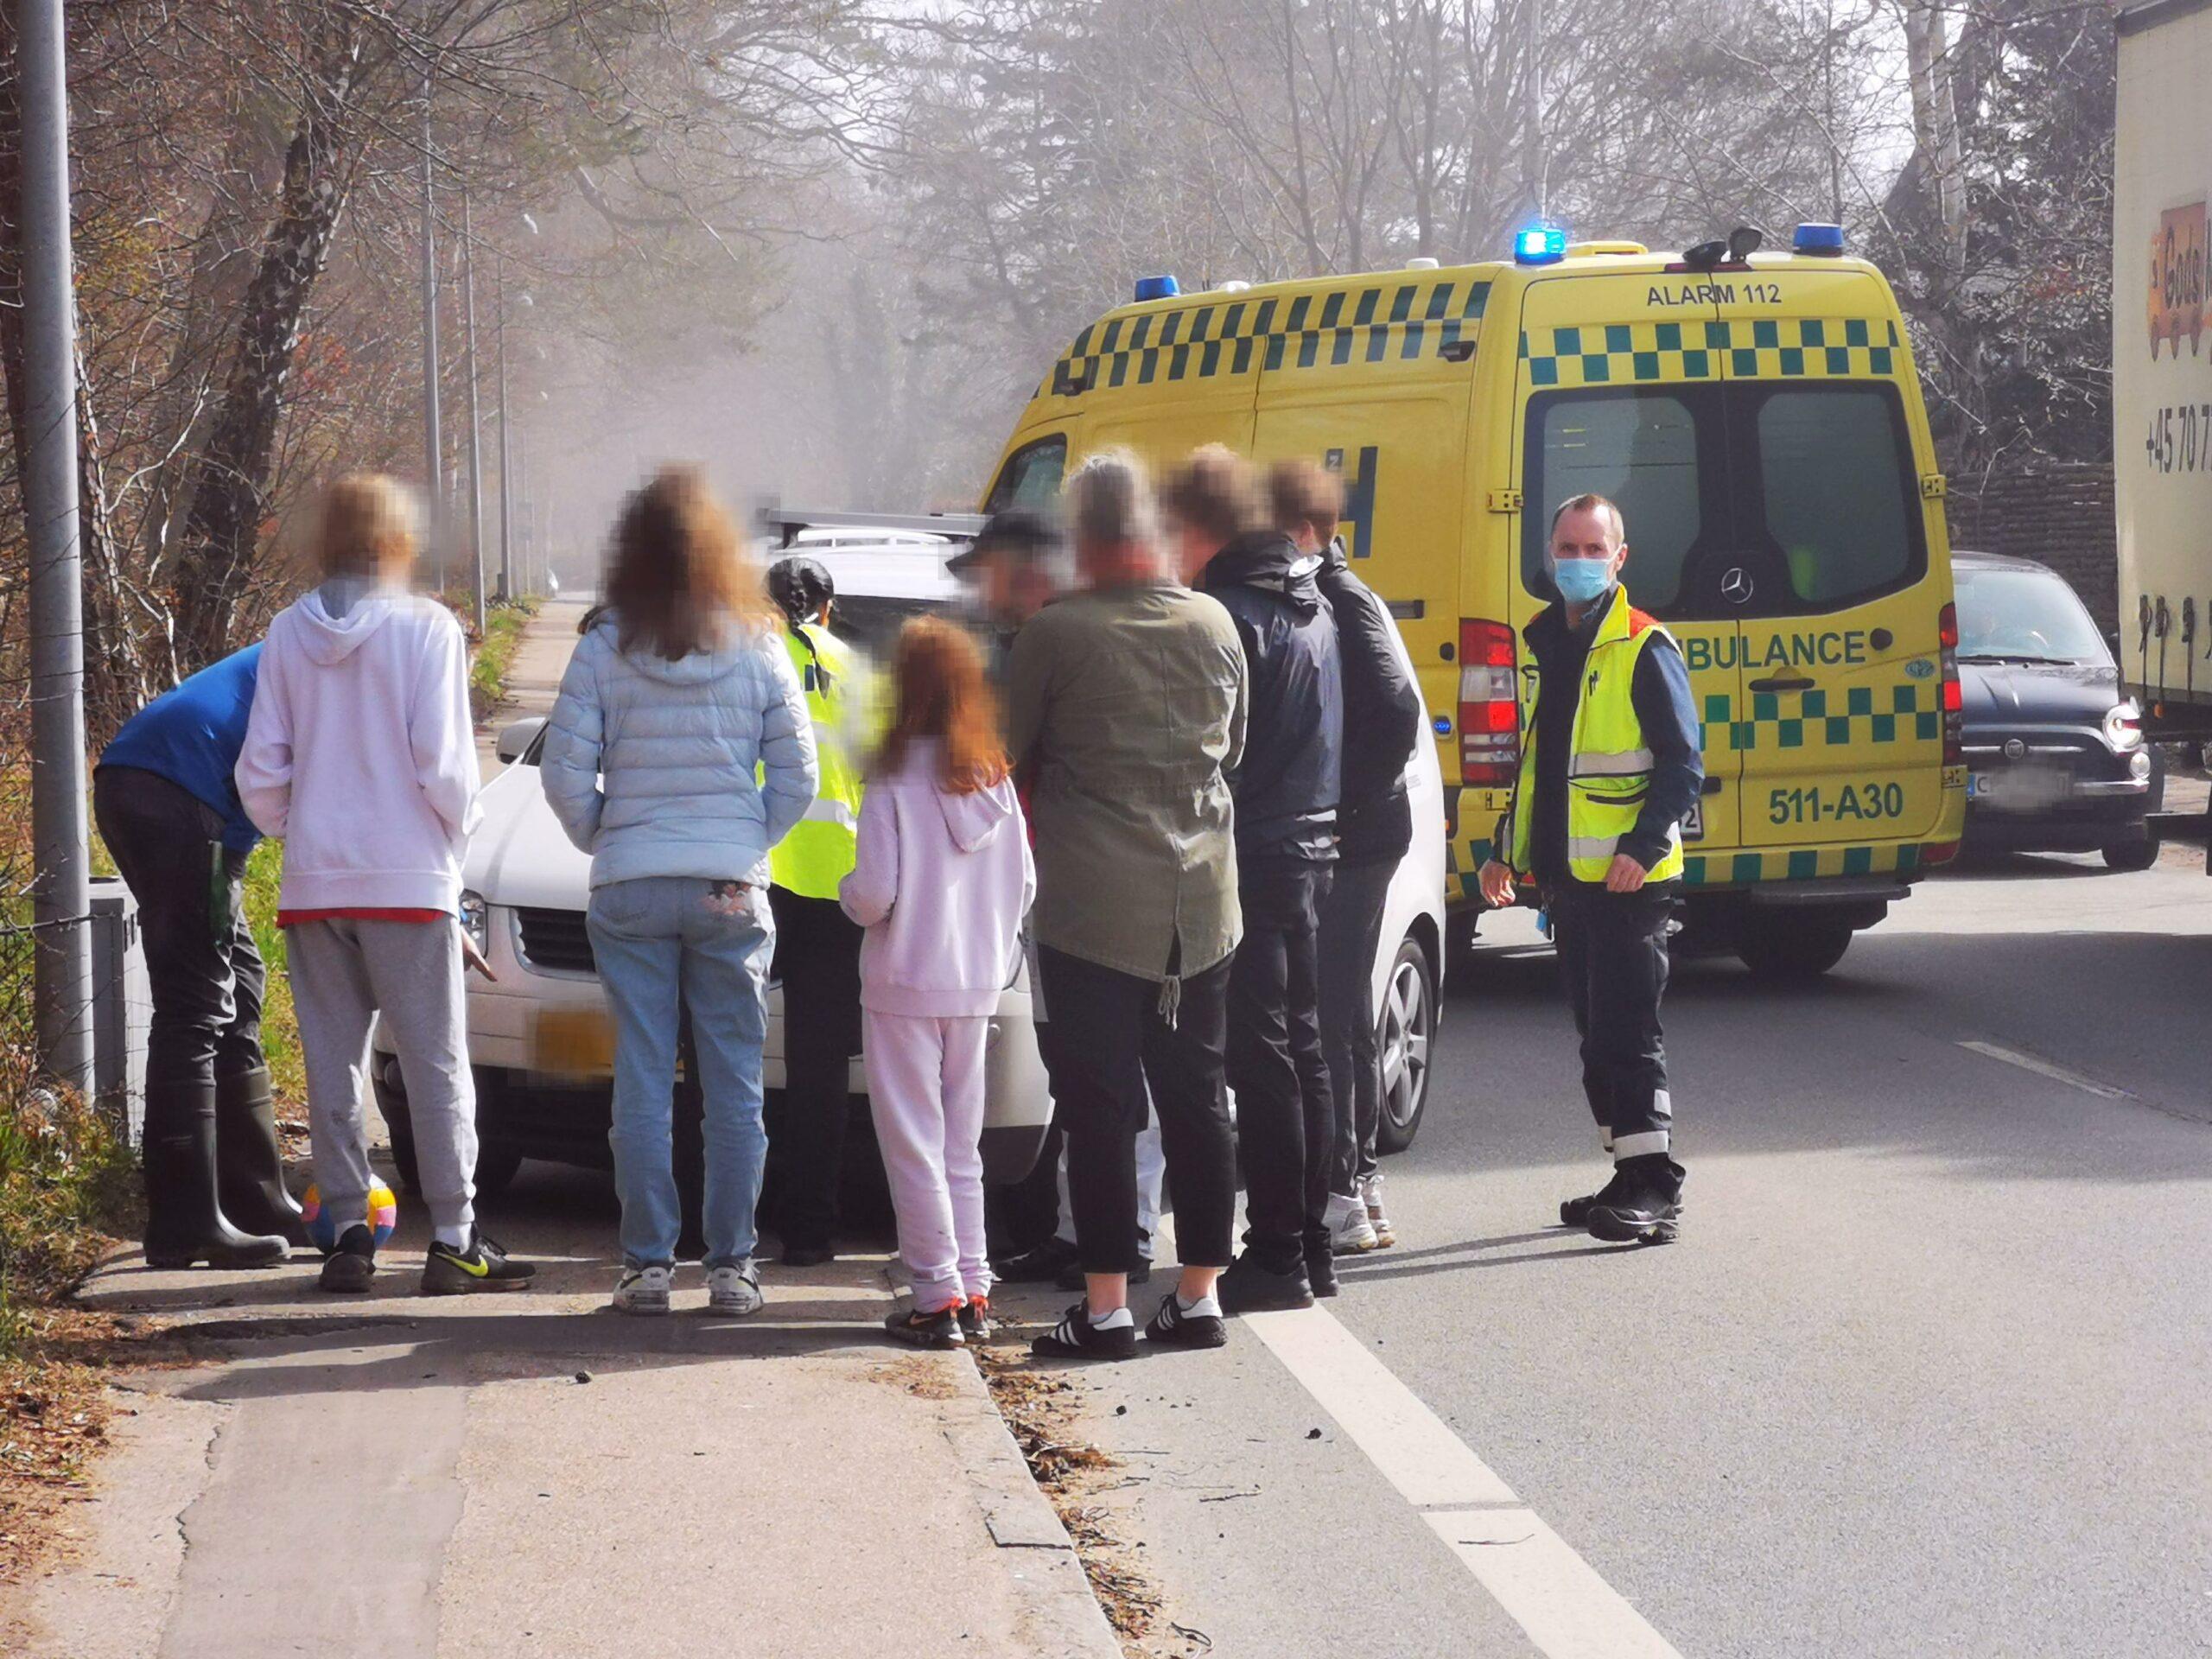 Alvorlig ulykke ved Strandvejen